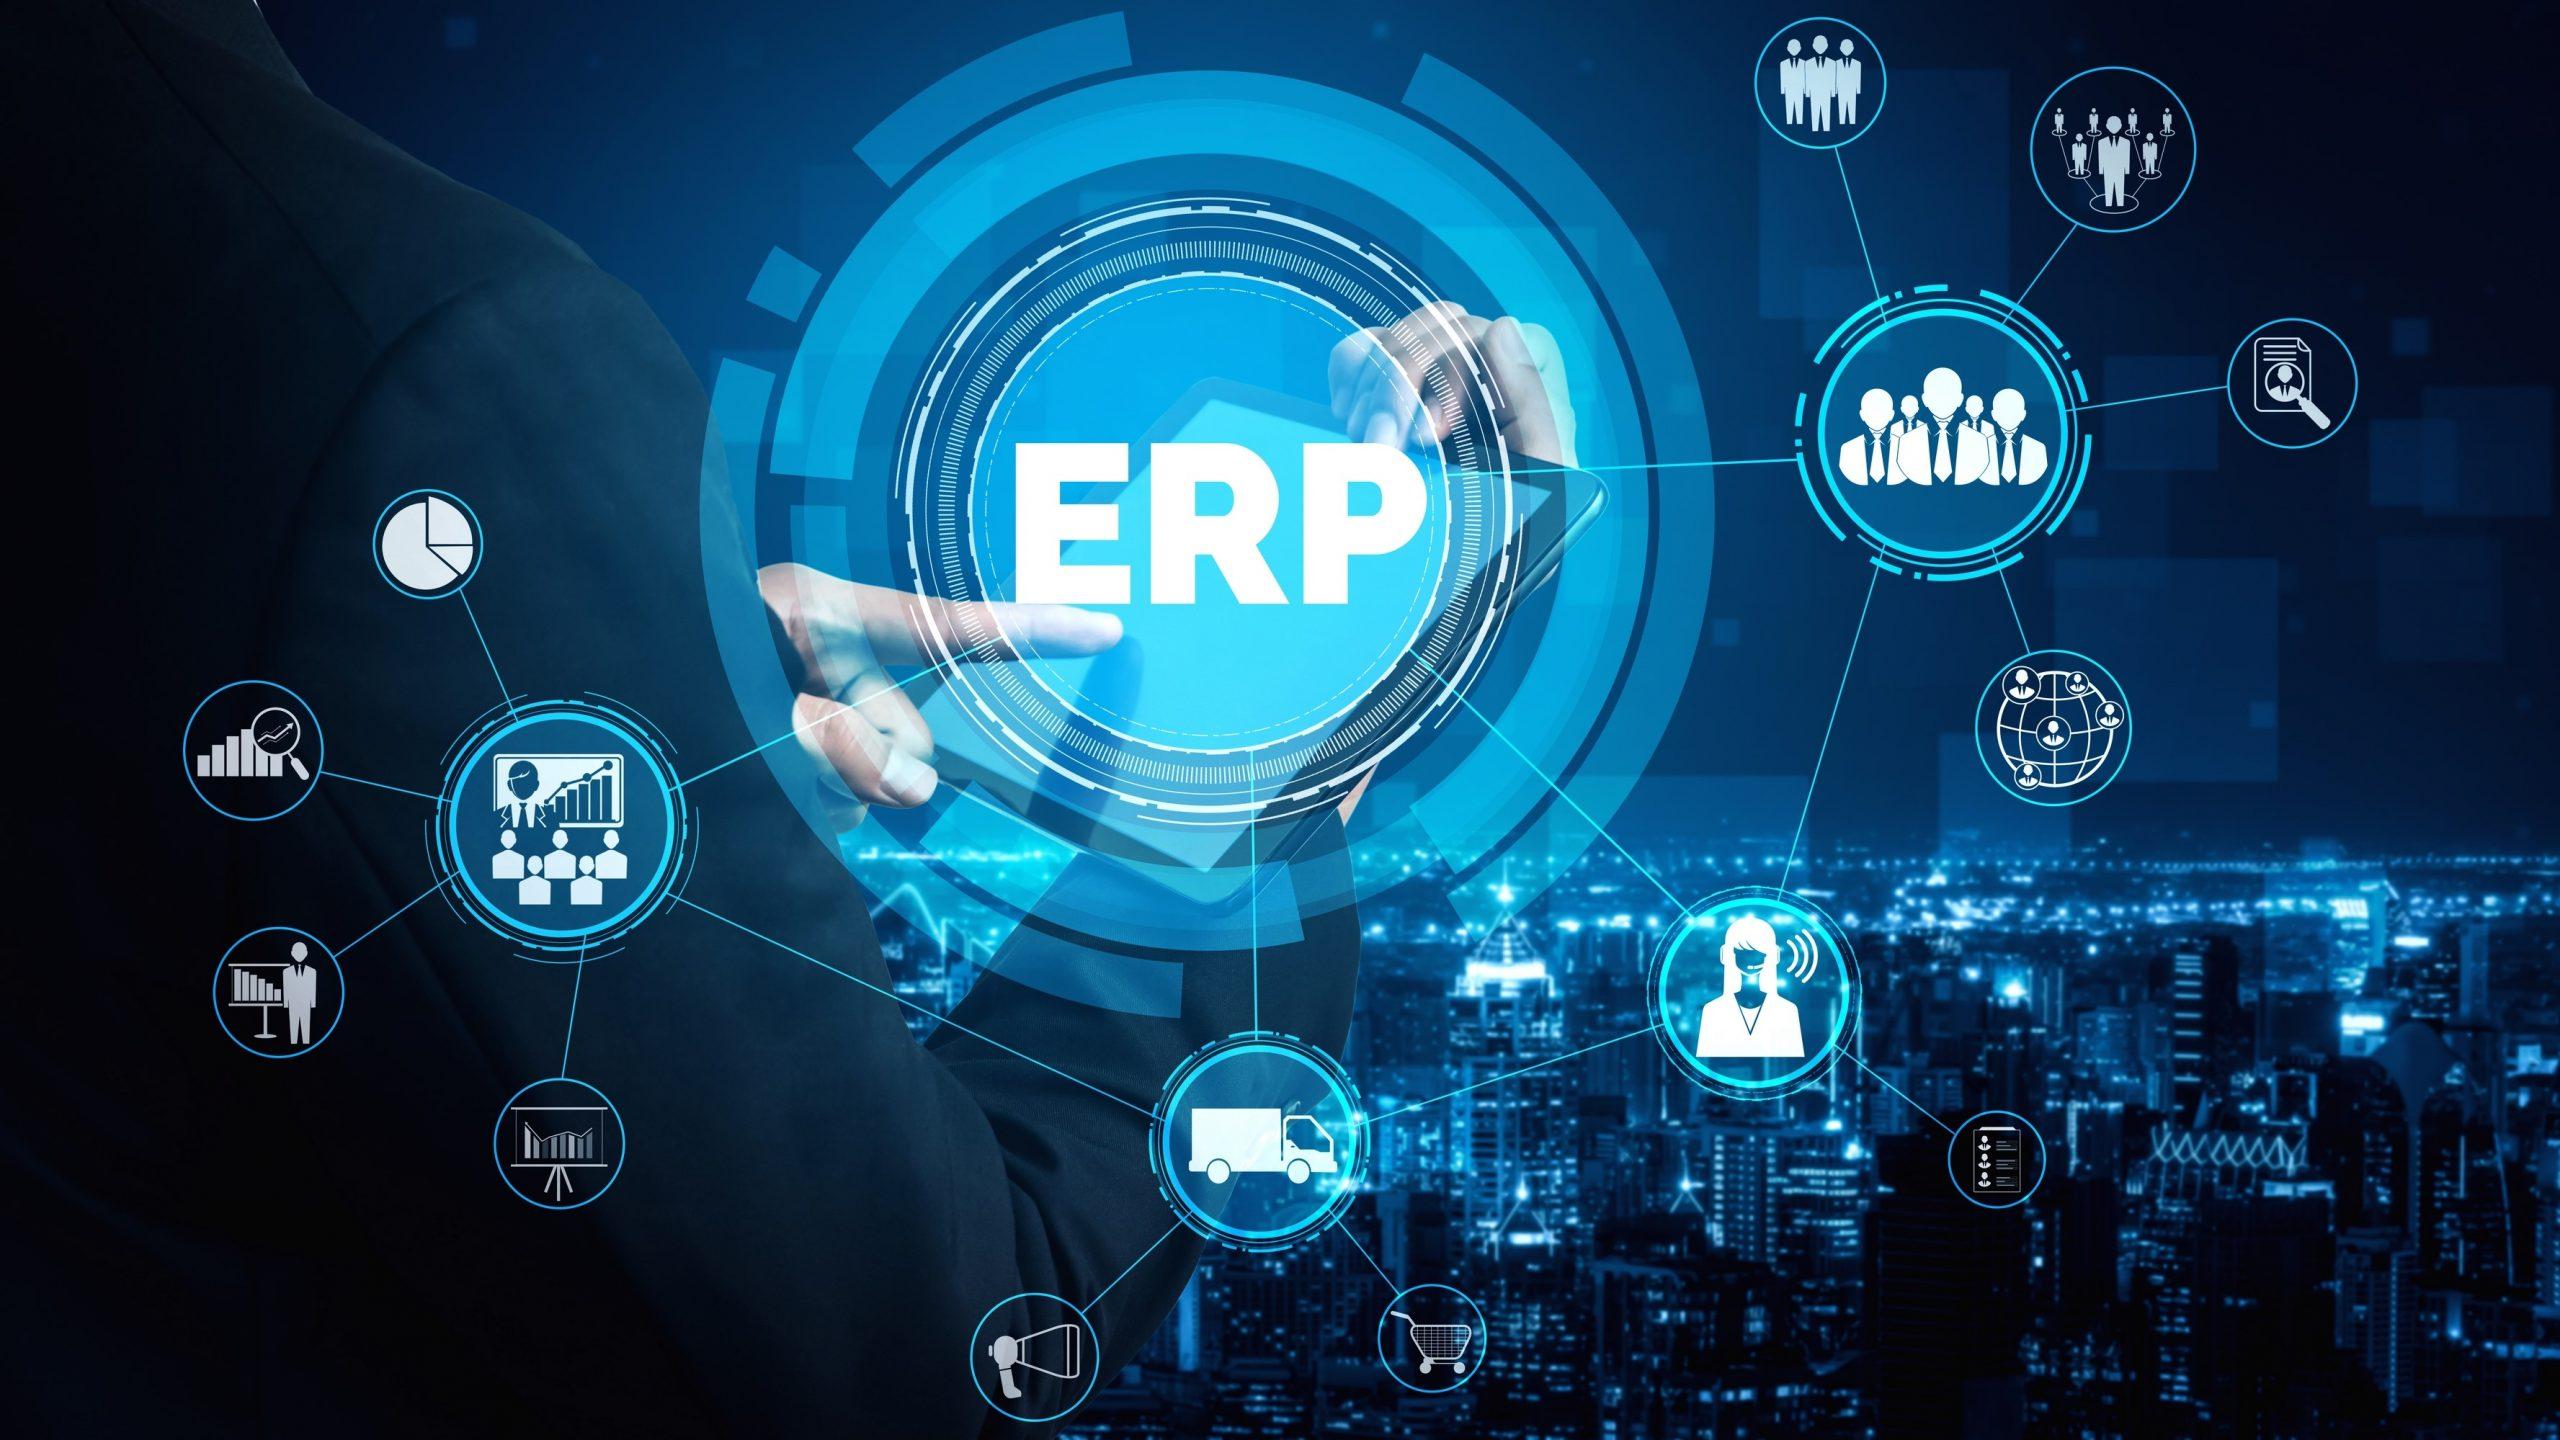 Ứng dụng ERP được coi là khởi đầu hiệu quả để doanh nghiệp chuyển mình trong cơn bão công nghệ thông tin như hiện nay